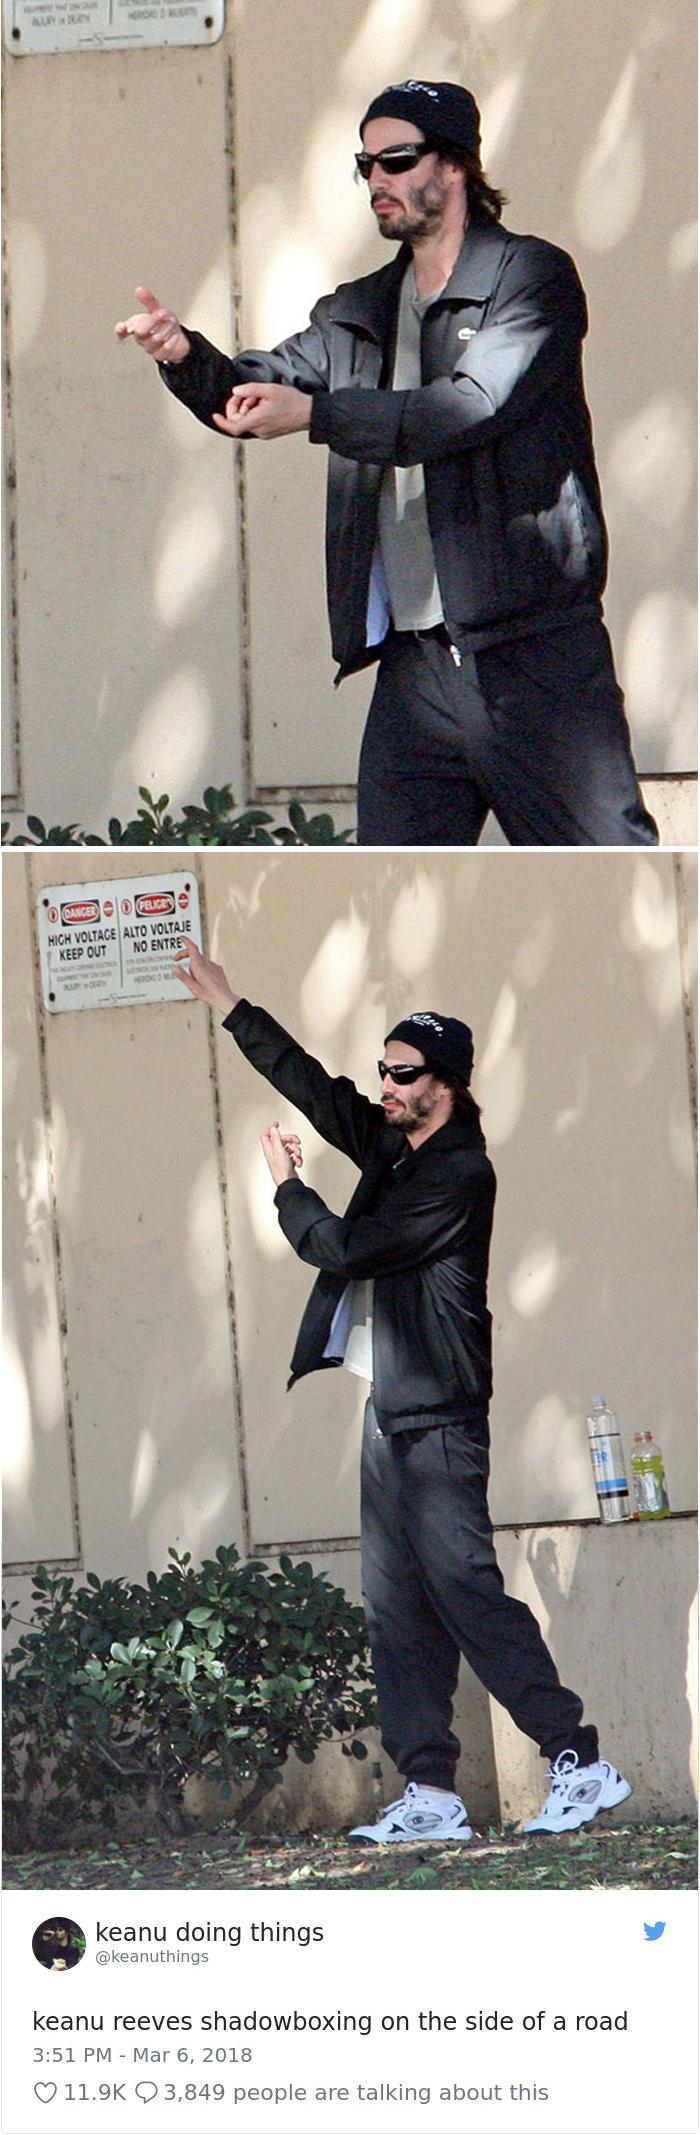 5abe1c0d57082 971050651970166791 1 png  700 5abc8d4b8da76  700 - Por que Keanu Reeves tímido e introvertido é tão popular na Internet?